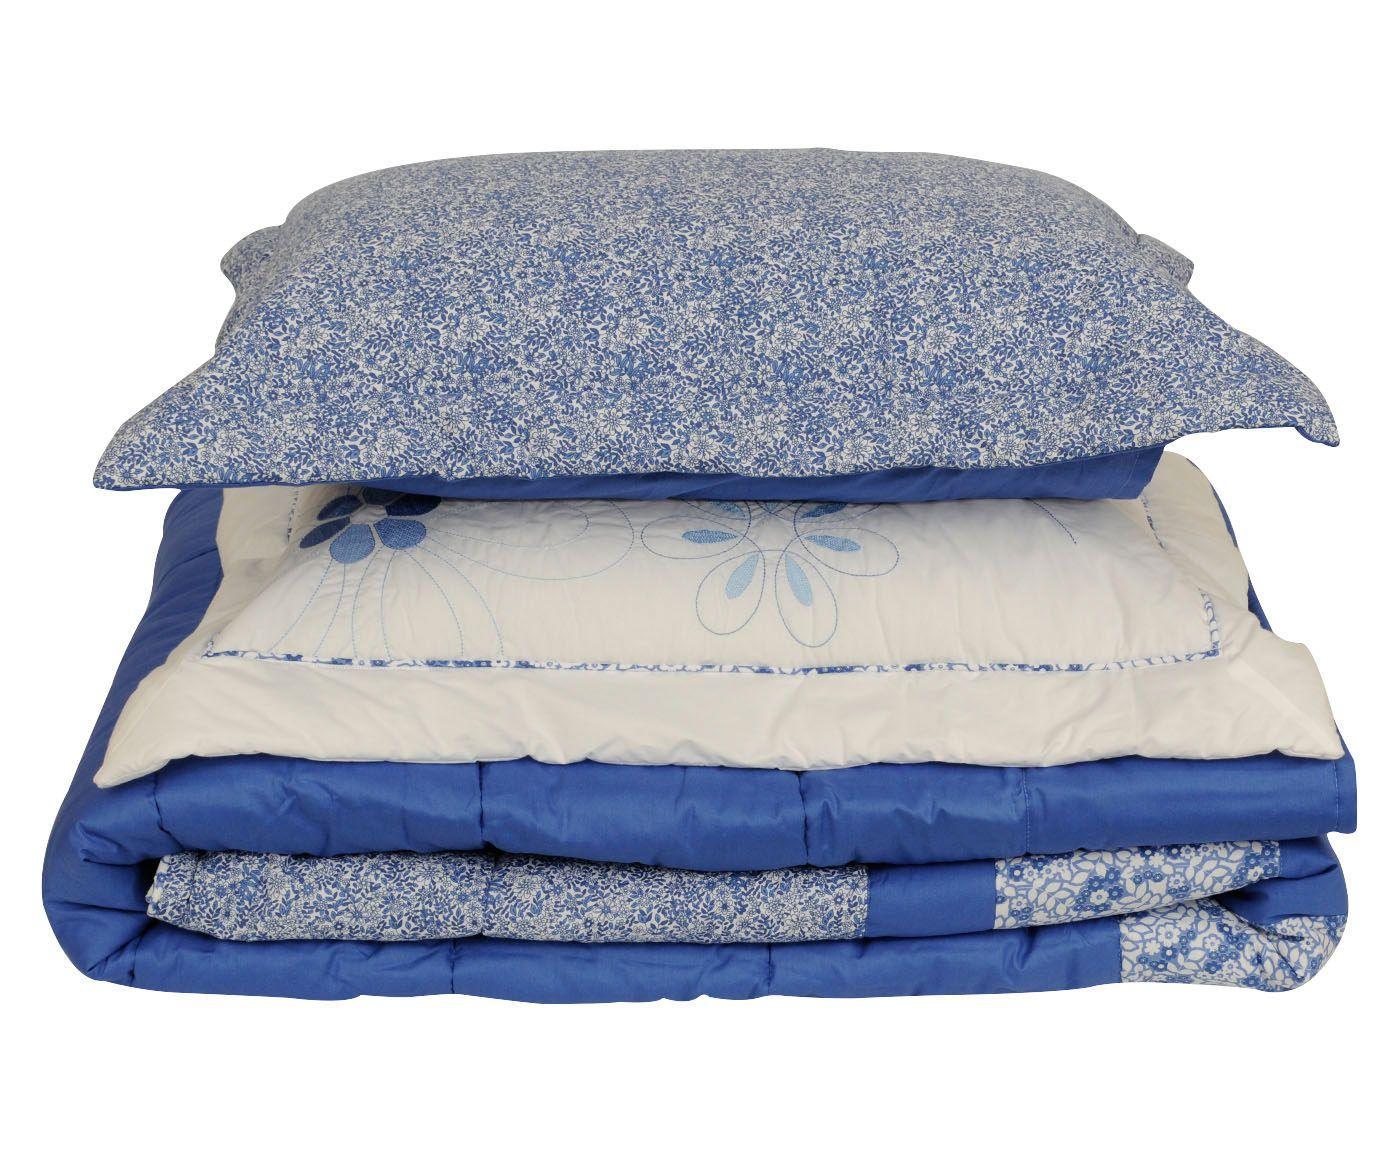 Jogo com colcha anis para cama super king size 200 fios   Westwing.com.br